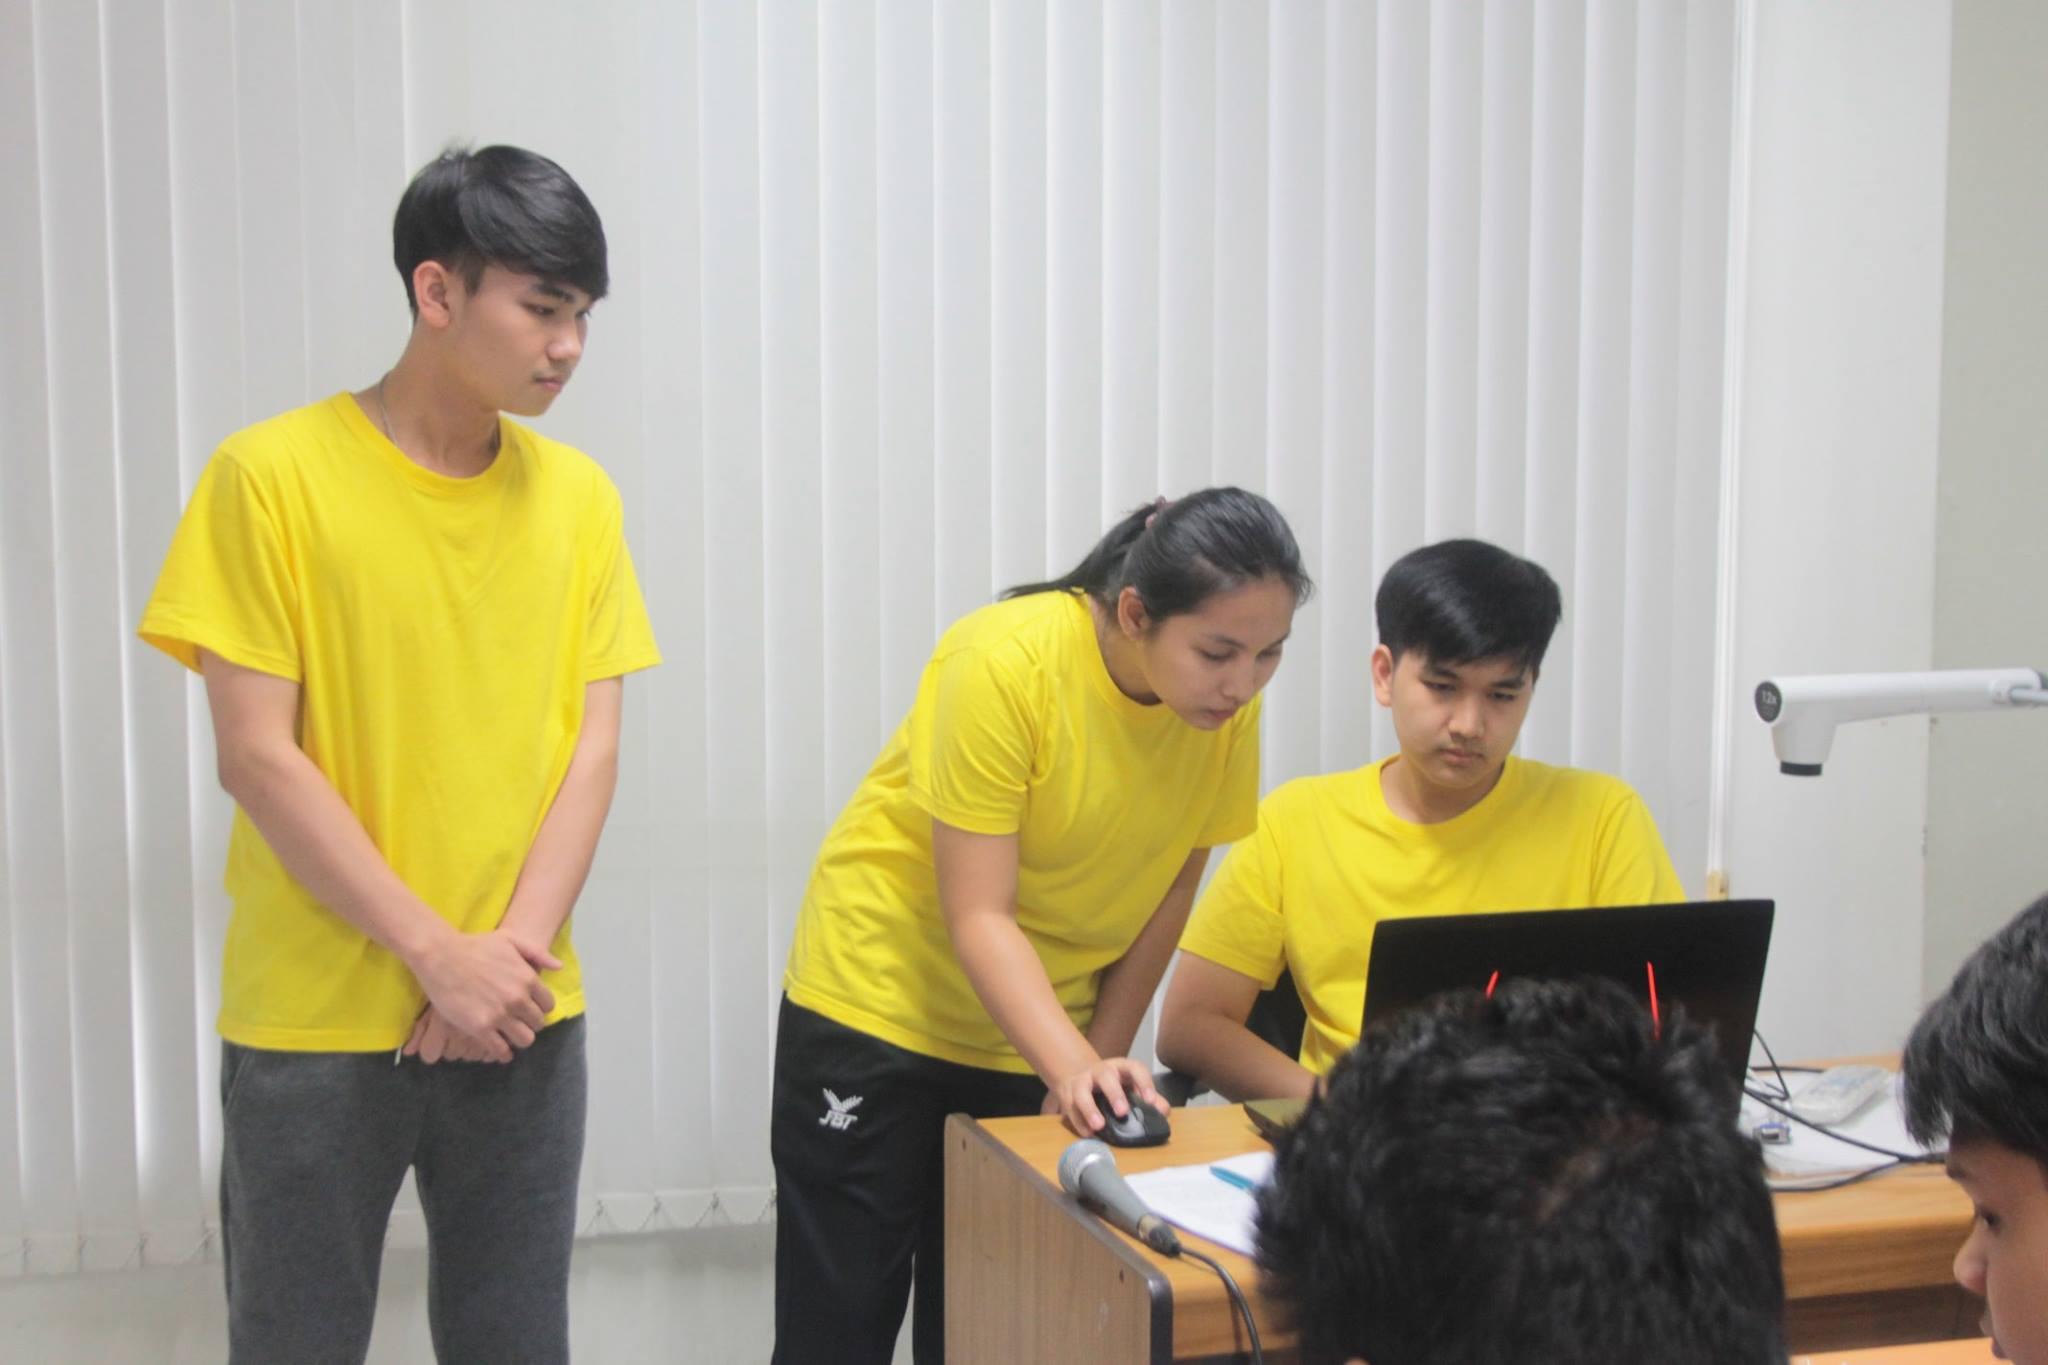 การเสนอโครงร่างโครงงานคอมพิวเตอร์ของนักศึกษารหัส 58